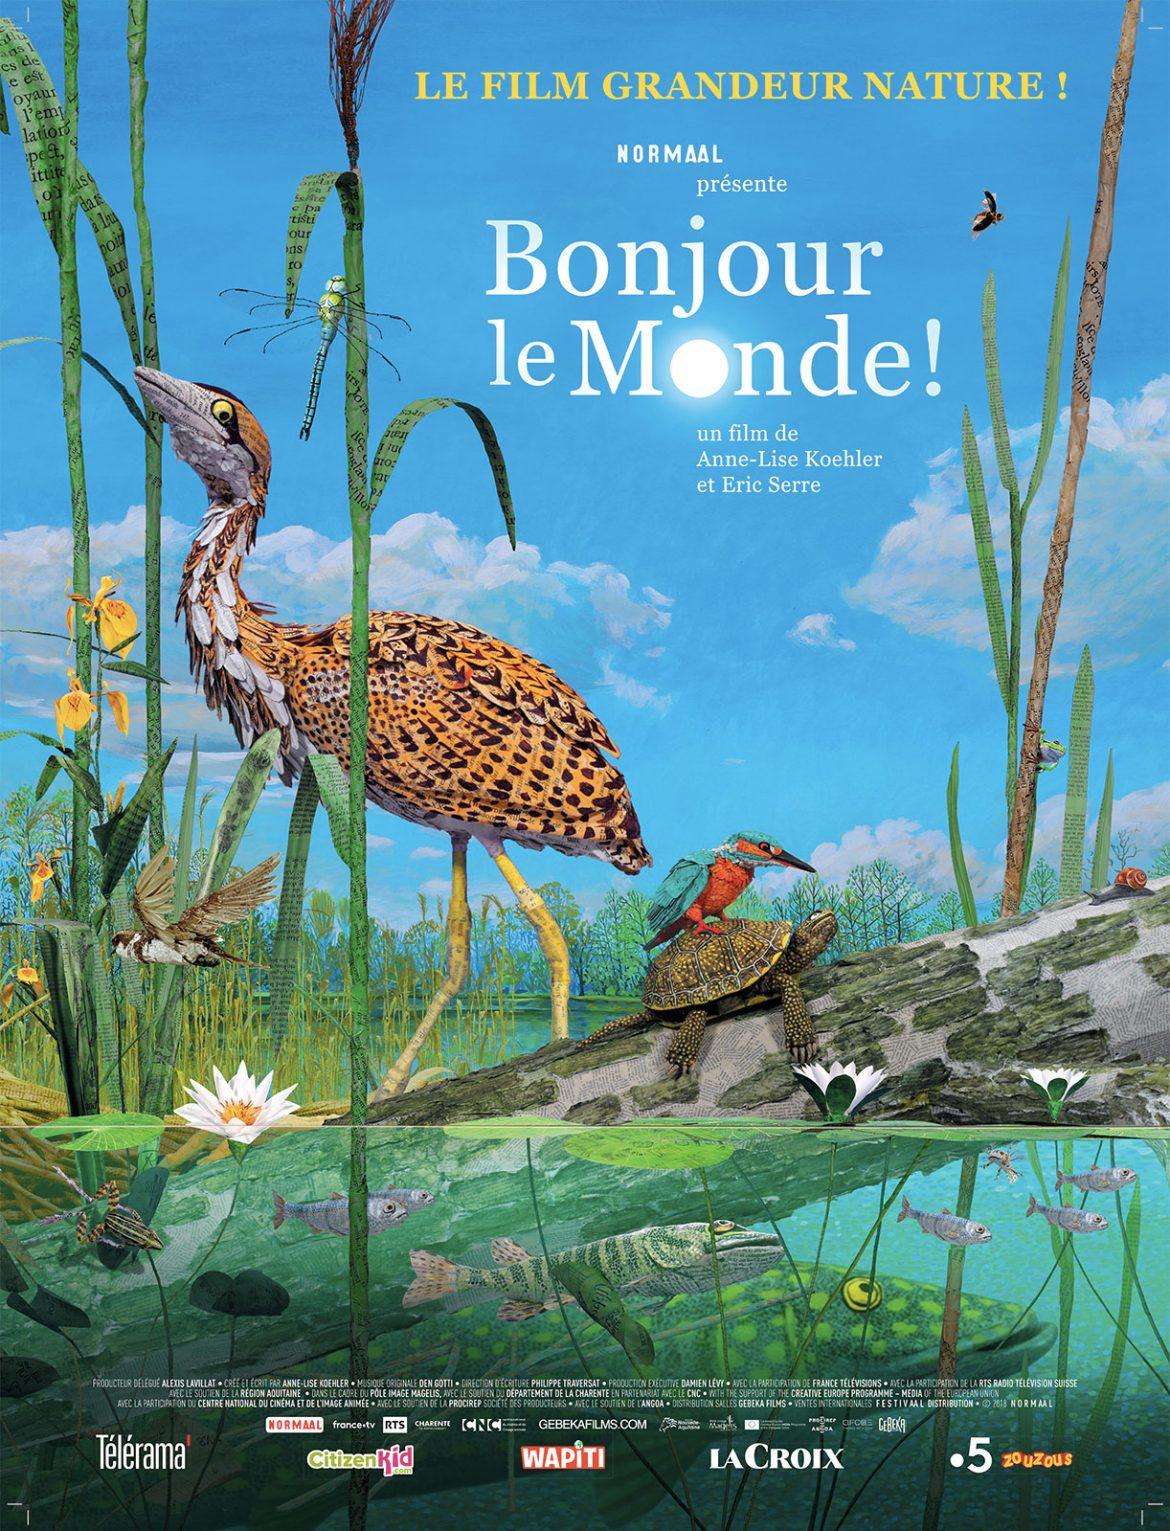 Bonjour Le Monde!